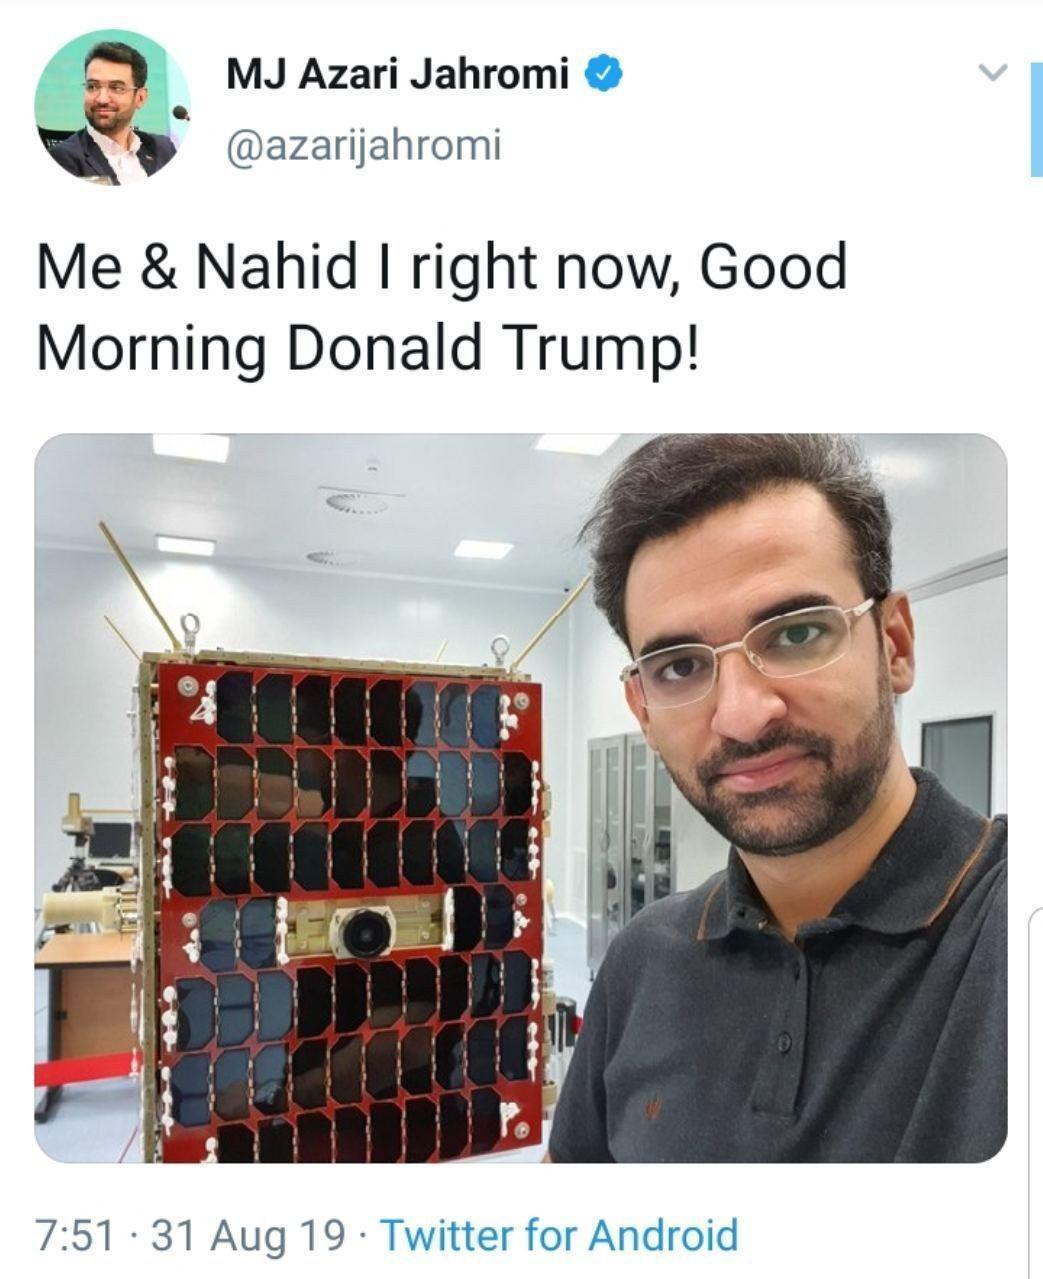 پاسخ وزیر ارتباطات به توییت دیشب ترامپ ؛ صبح بخیر آقای ترامپ!